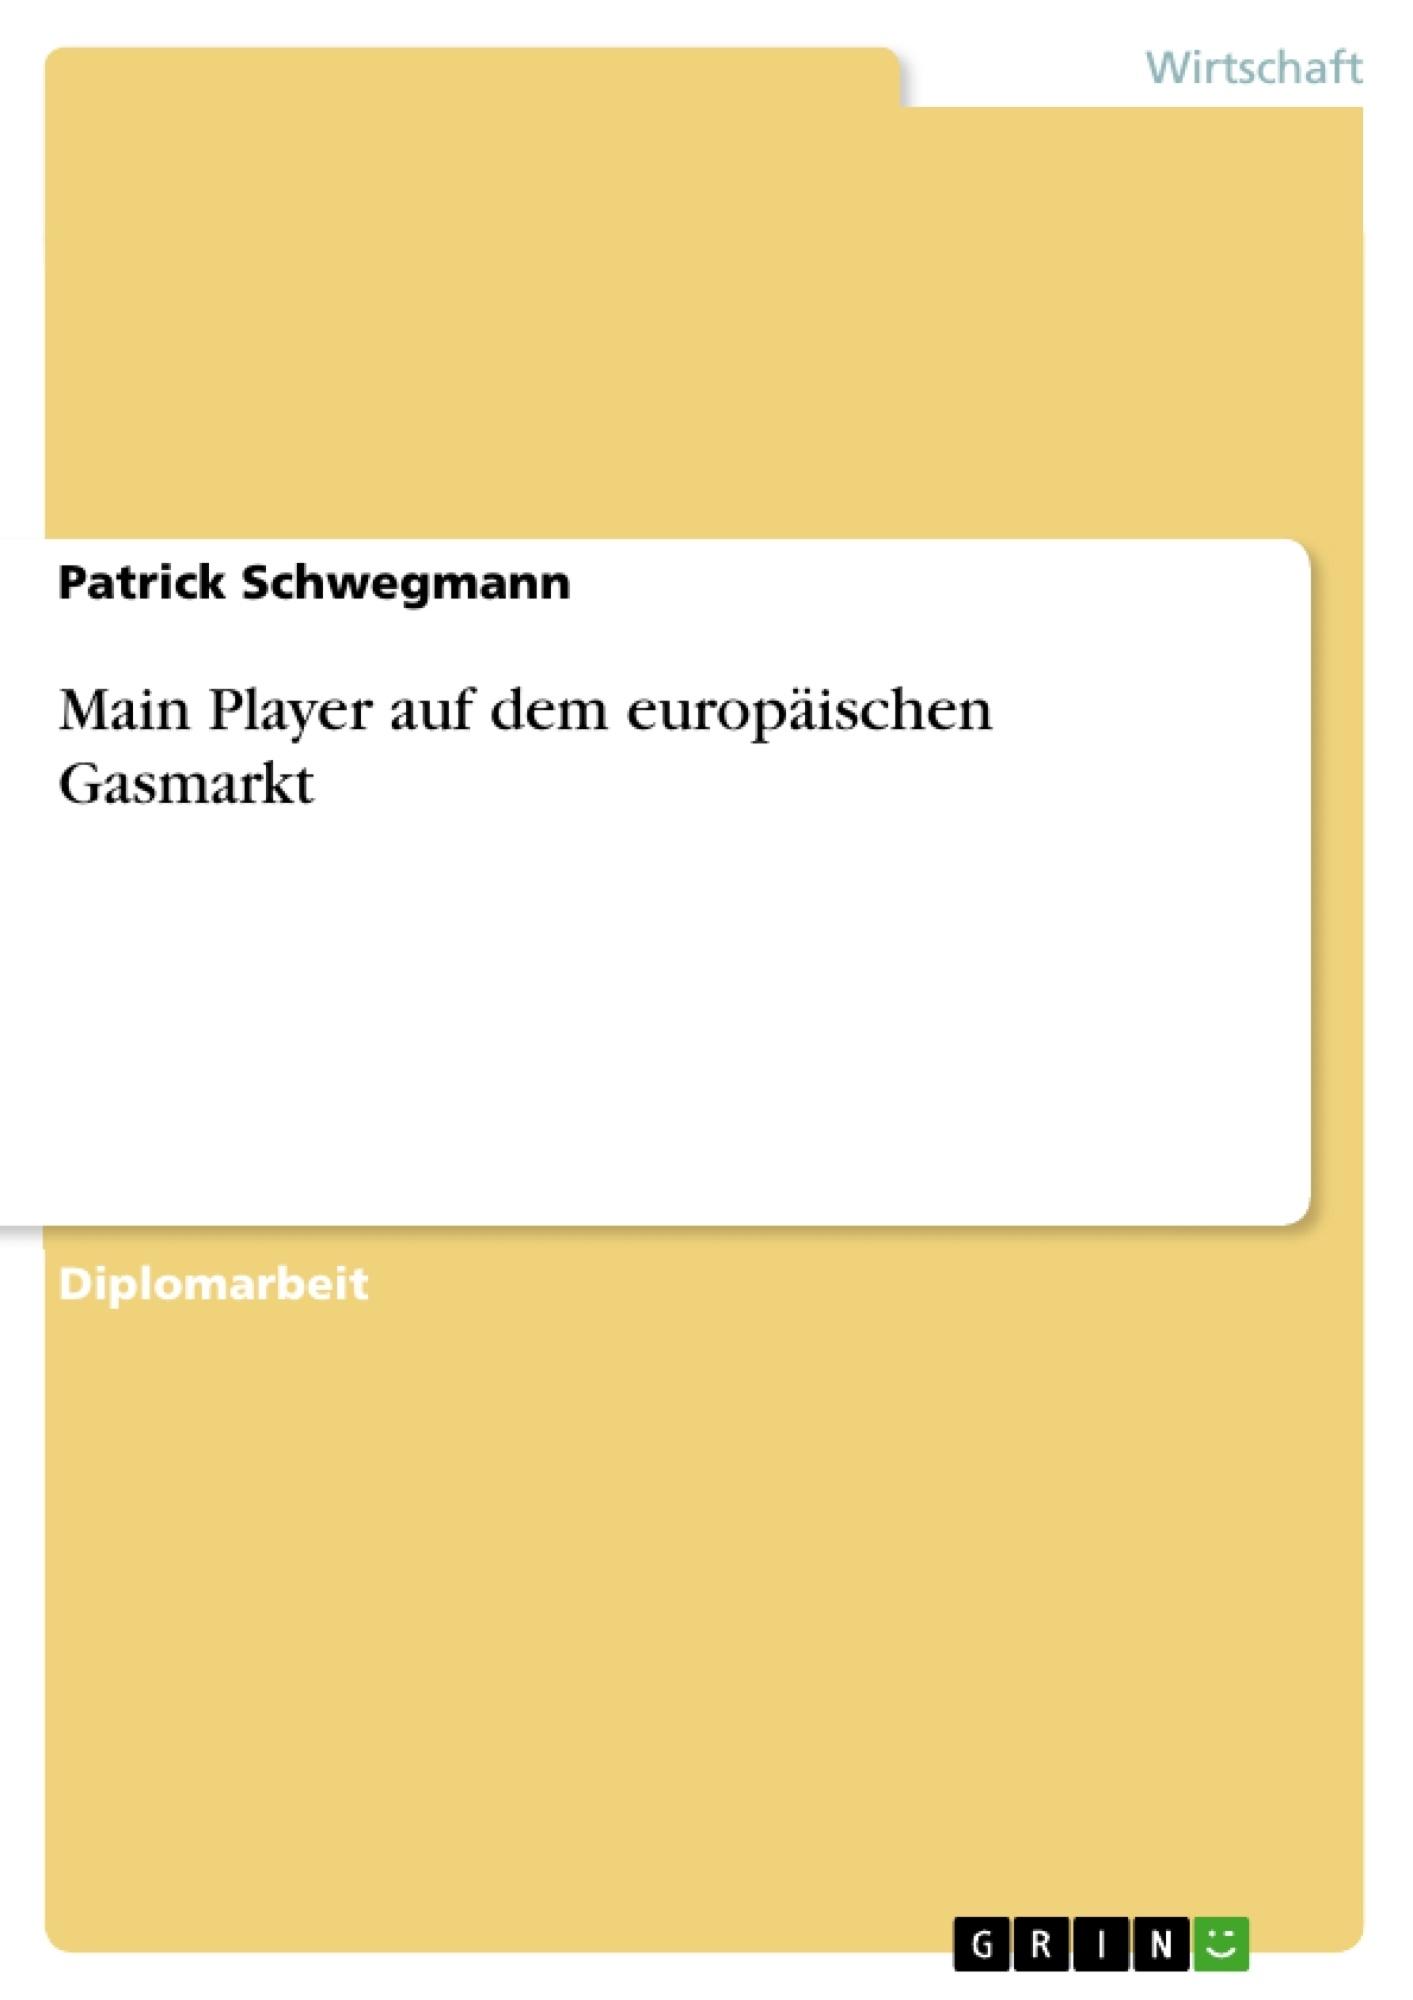 Titel: Main Player auf dem europäischen Gasmarkt